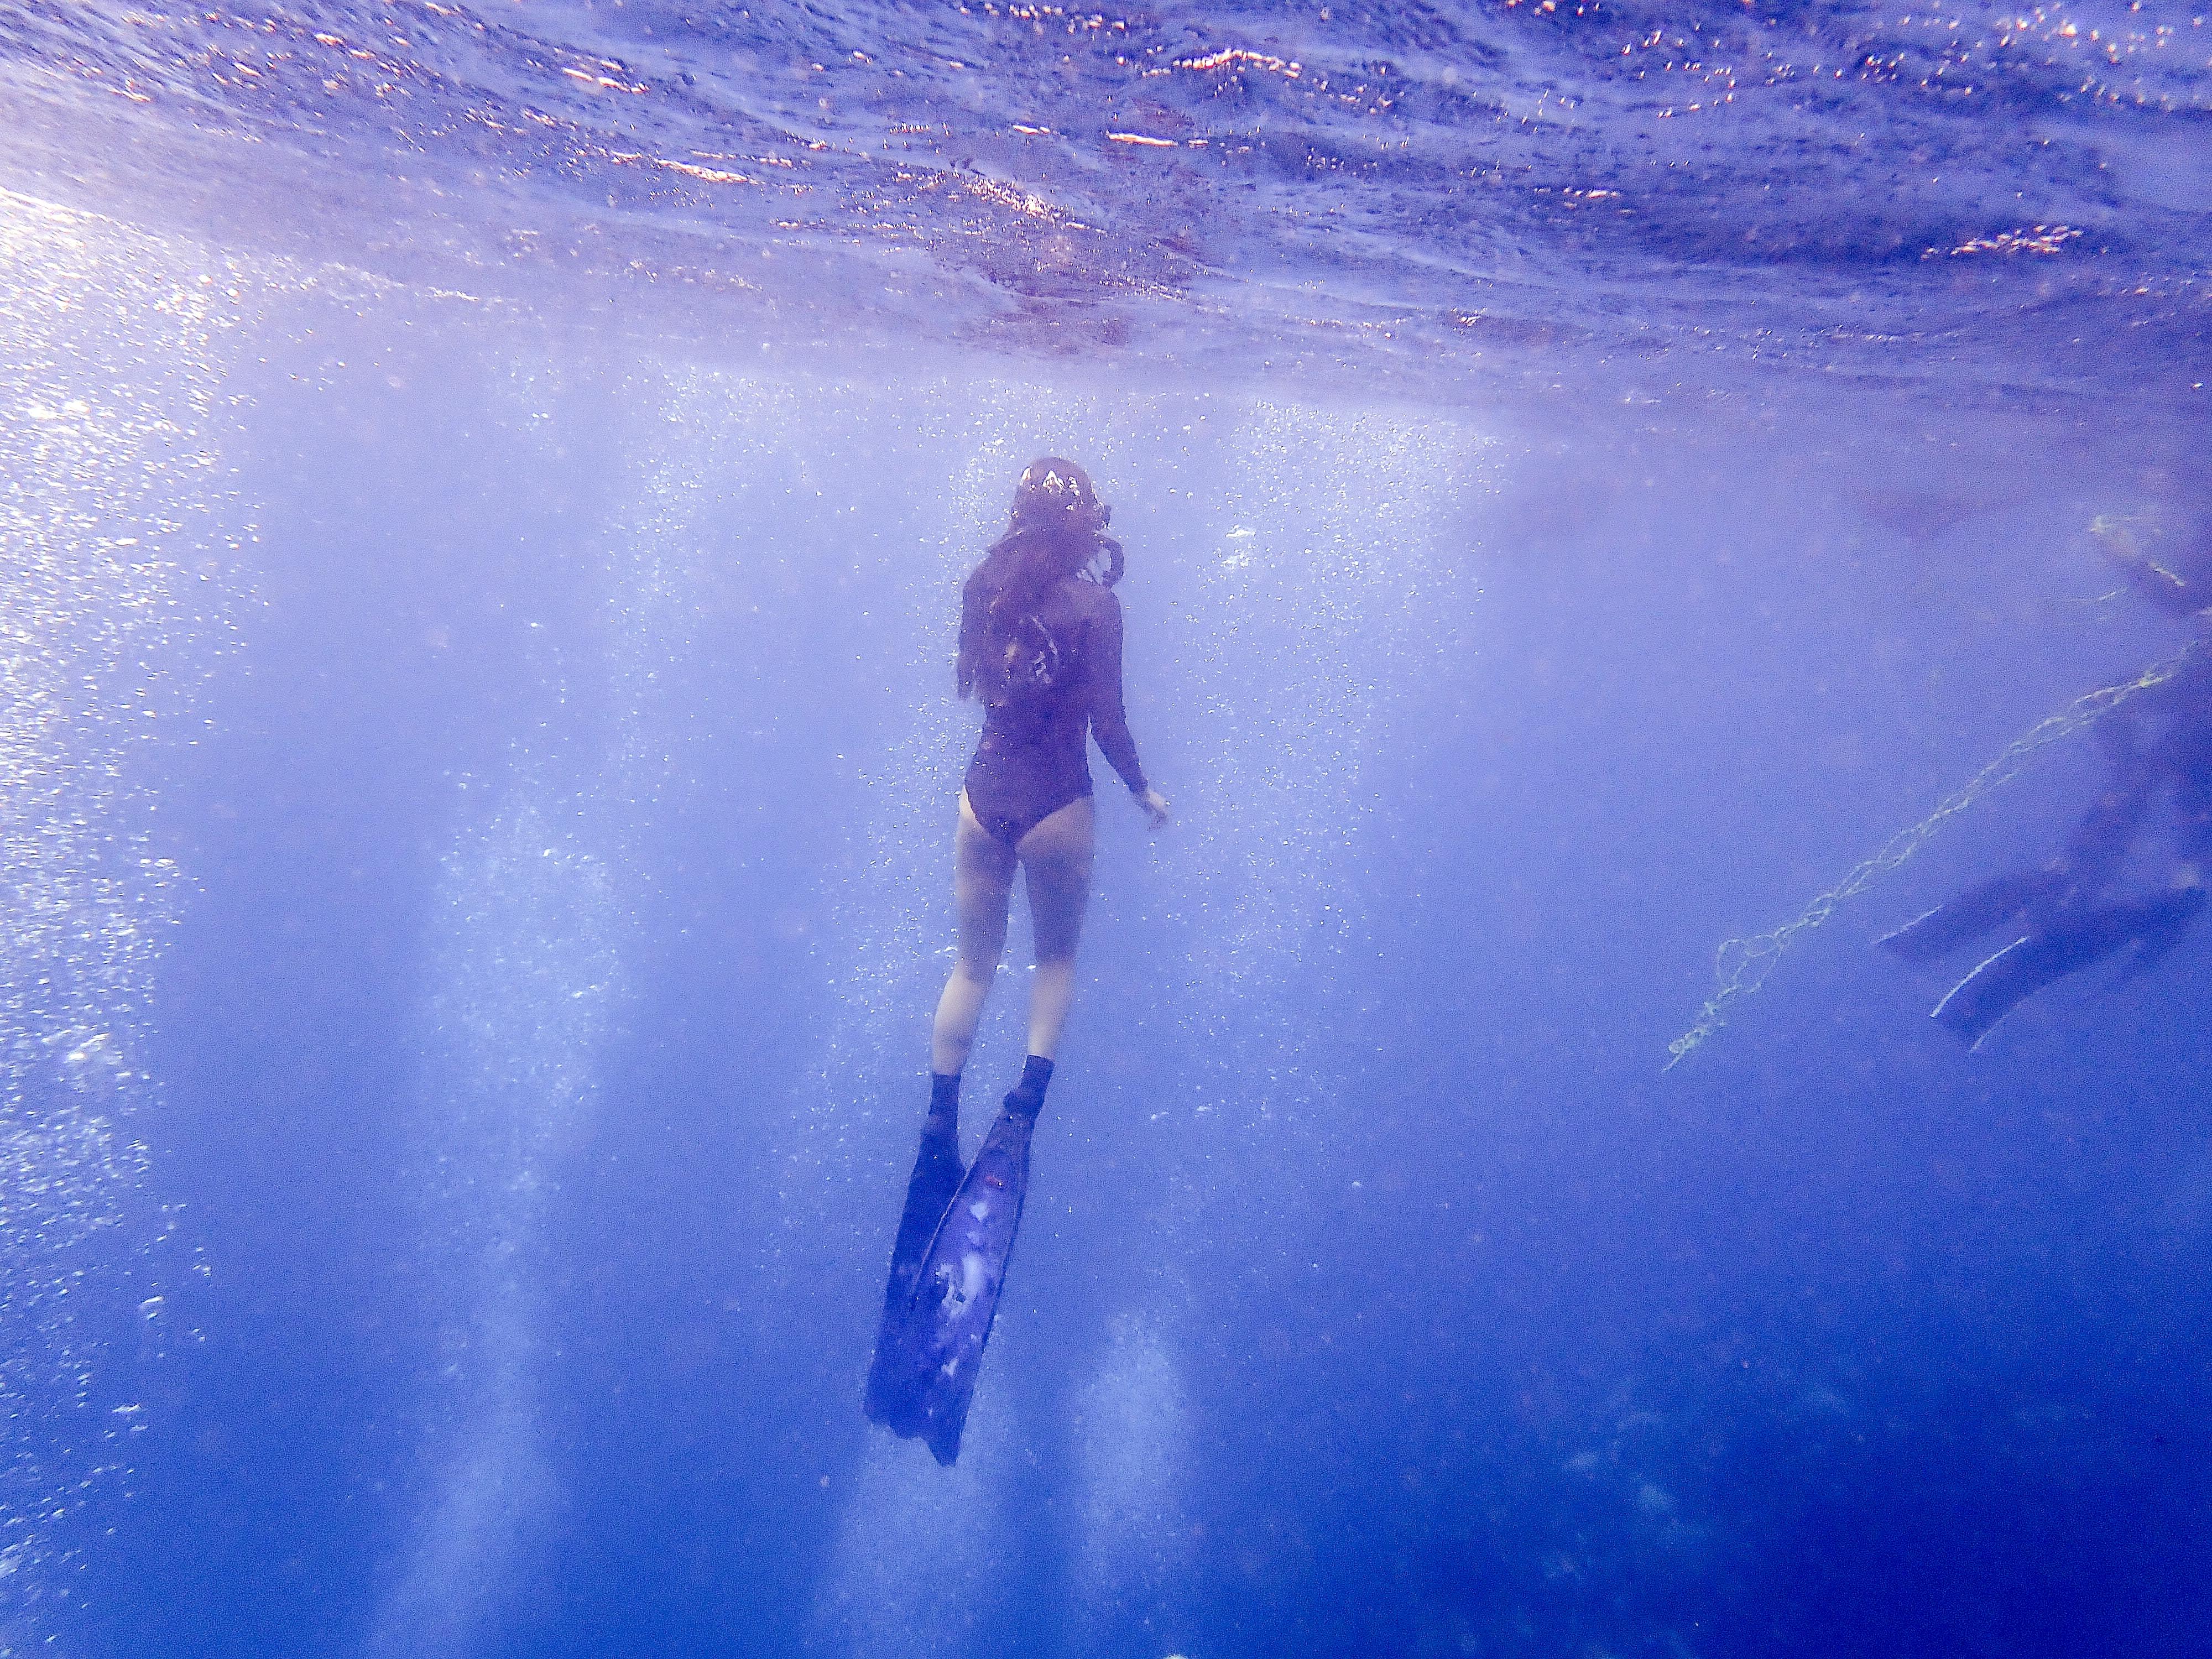 通往地球70%風景的門票 我在墾丁考到潛水證照! 初次潛水必須克服的三件事 放呆潛水俱樂部 PADI開放水域潛水員   潛水教學費用完整公開 乾淨又舒服的墾丁潛店推薦  墾丁住宿推薦